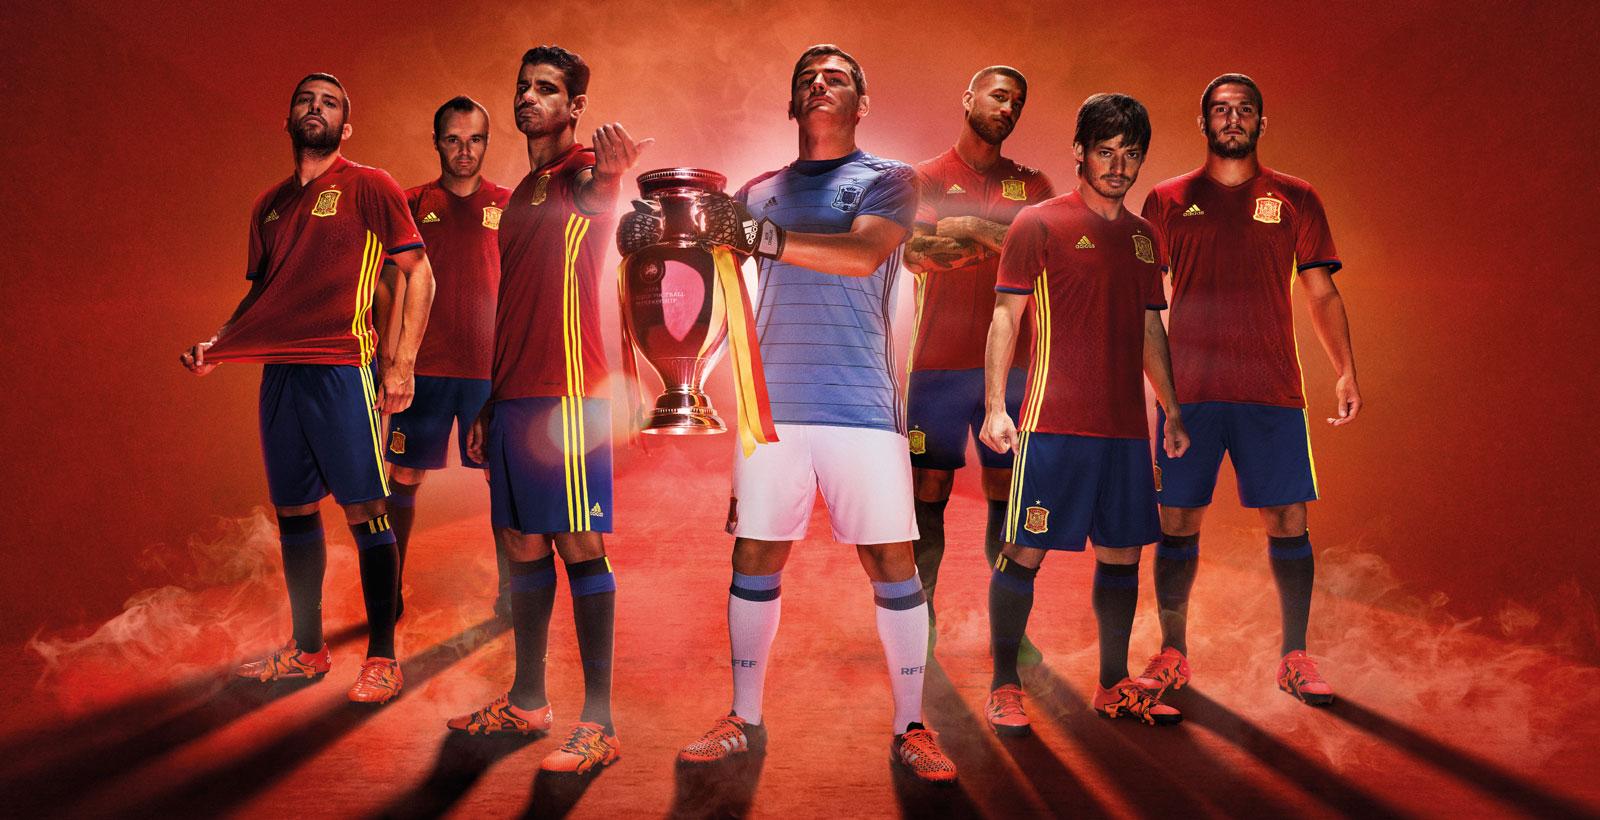 Сборная Испании на чемпионате Европы по футболу 2016